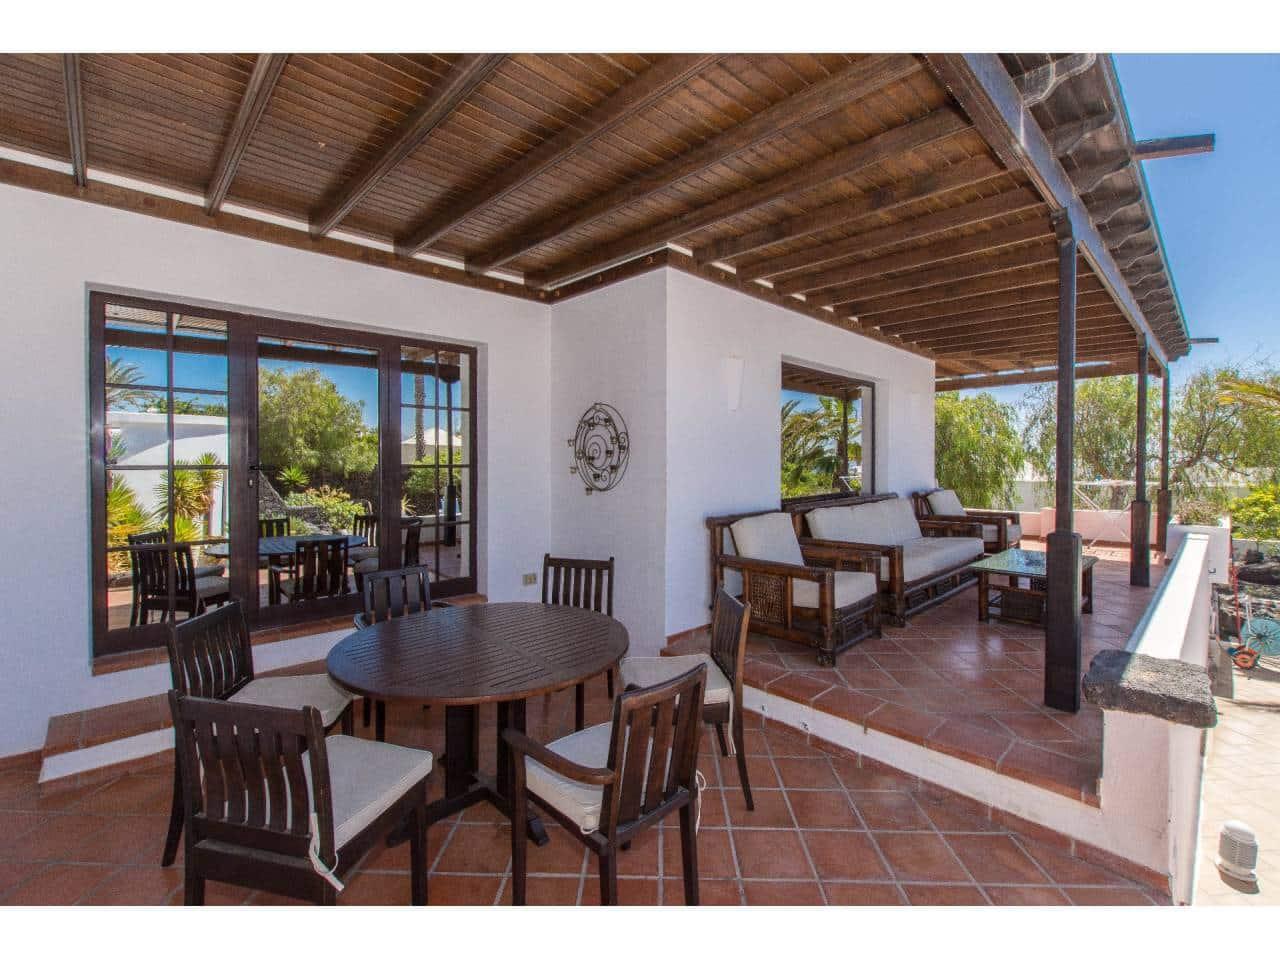 Casa de 3 habitaciones en Puerto del Carmen en venta - 650.000 € (Ref: 4792783)